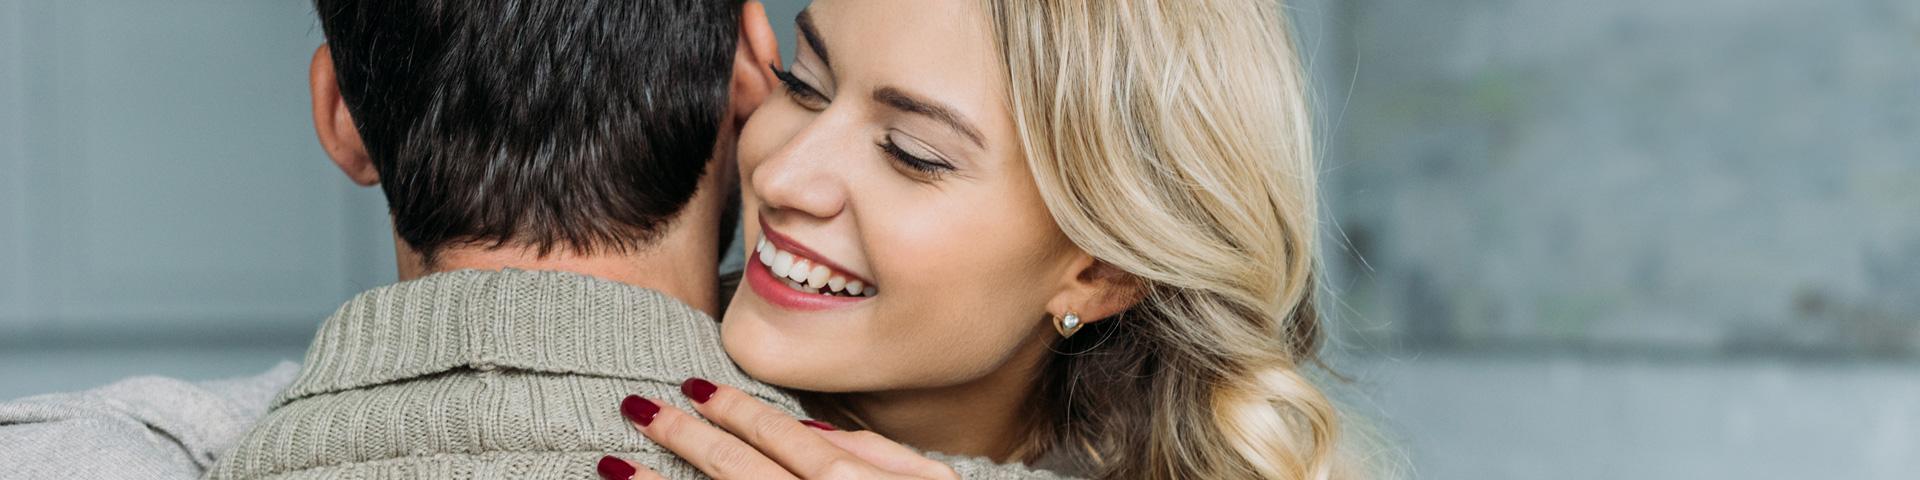 Lächelnde junge Frau umarmt einen Mann. Ihn sieht man nur von hinten